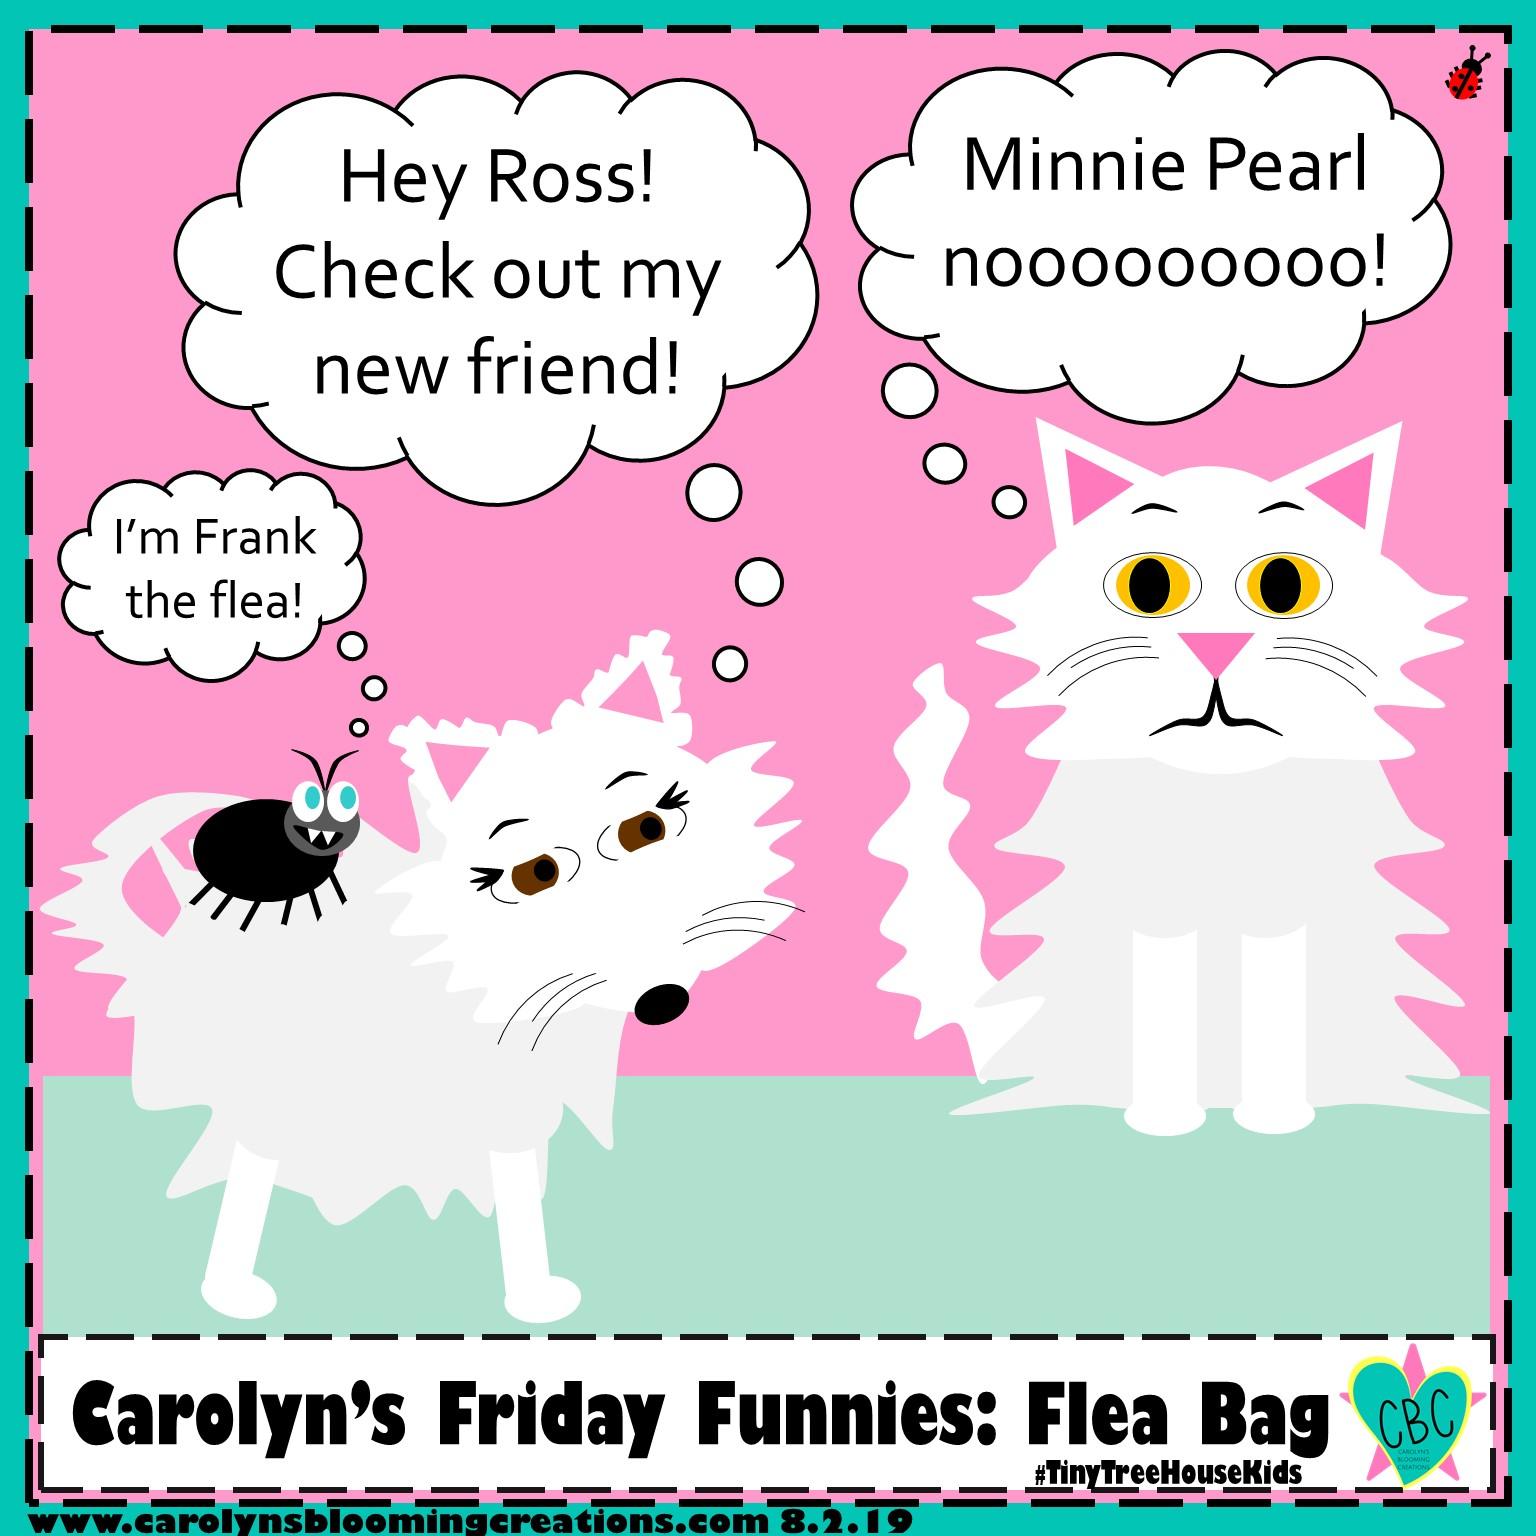 Carolyn Braden friday funny flea bag.jpg